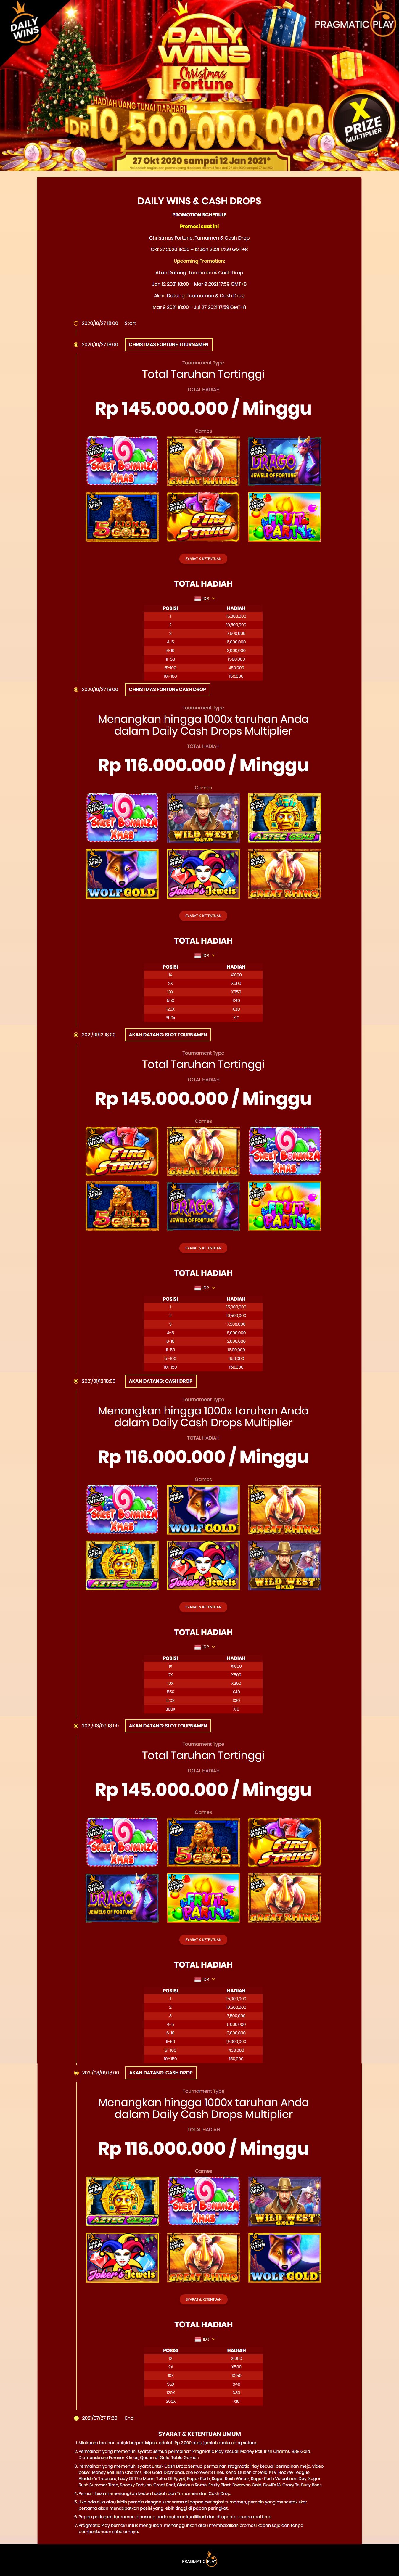 RAJA555 Event Slot Online Terbesar Berhadiah Ratusan Juta